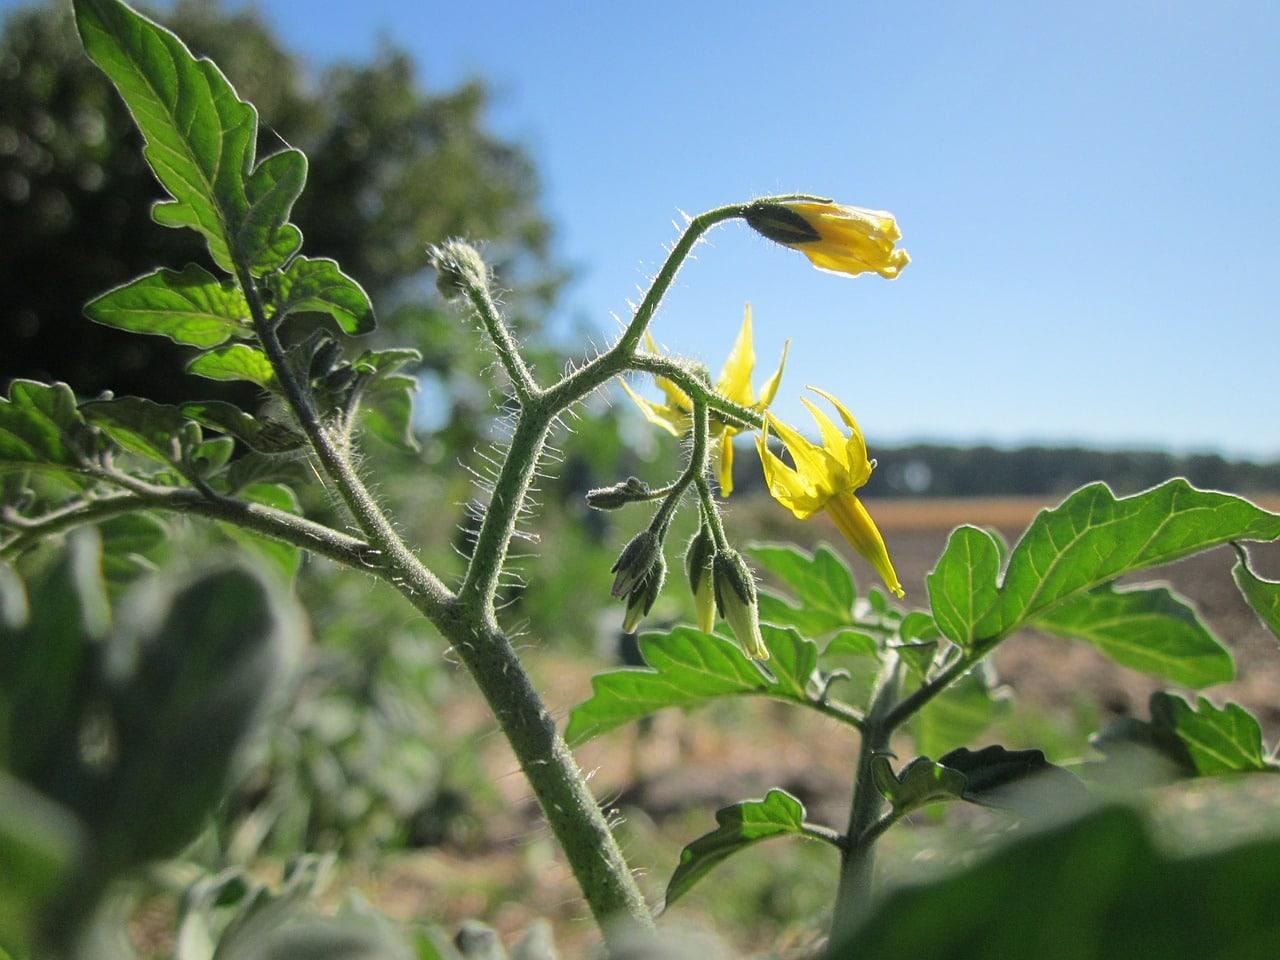 Gelbe Tomatenblüte im Freien mit blauem Himmel